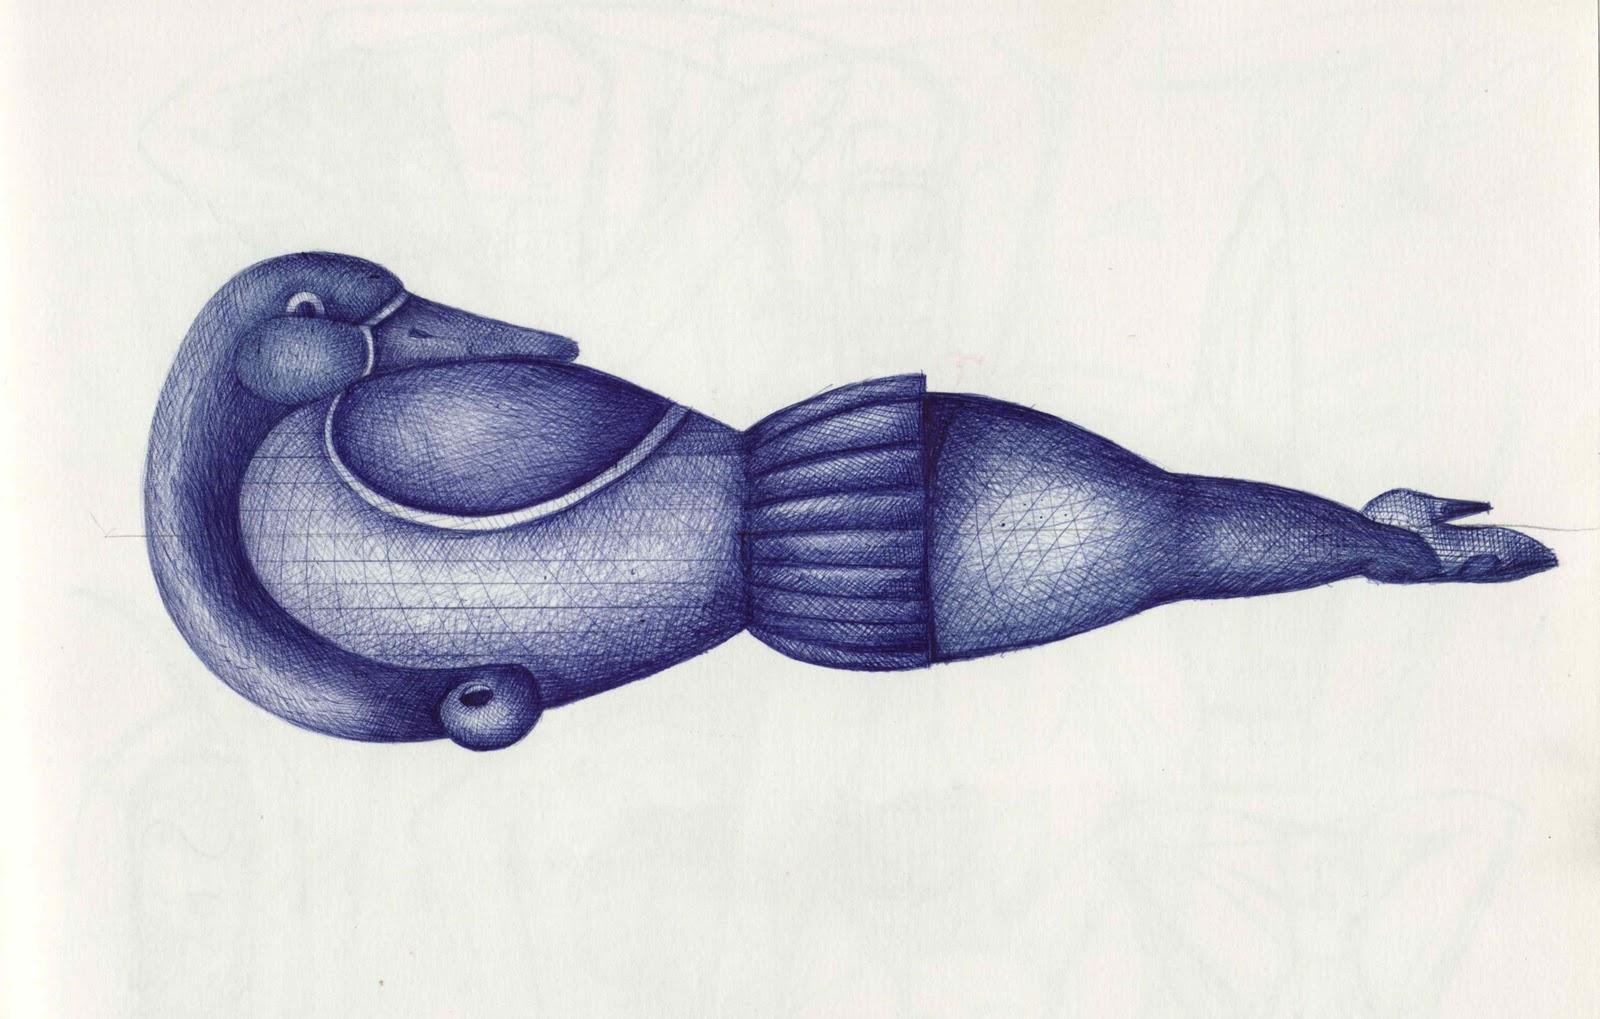 eugene hŐn ceramic artist ballpoint pen drawing technique a